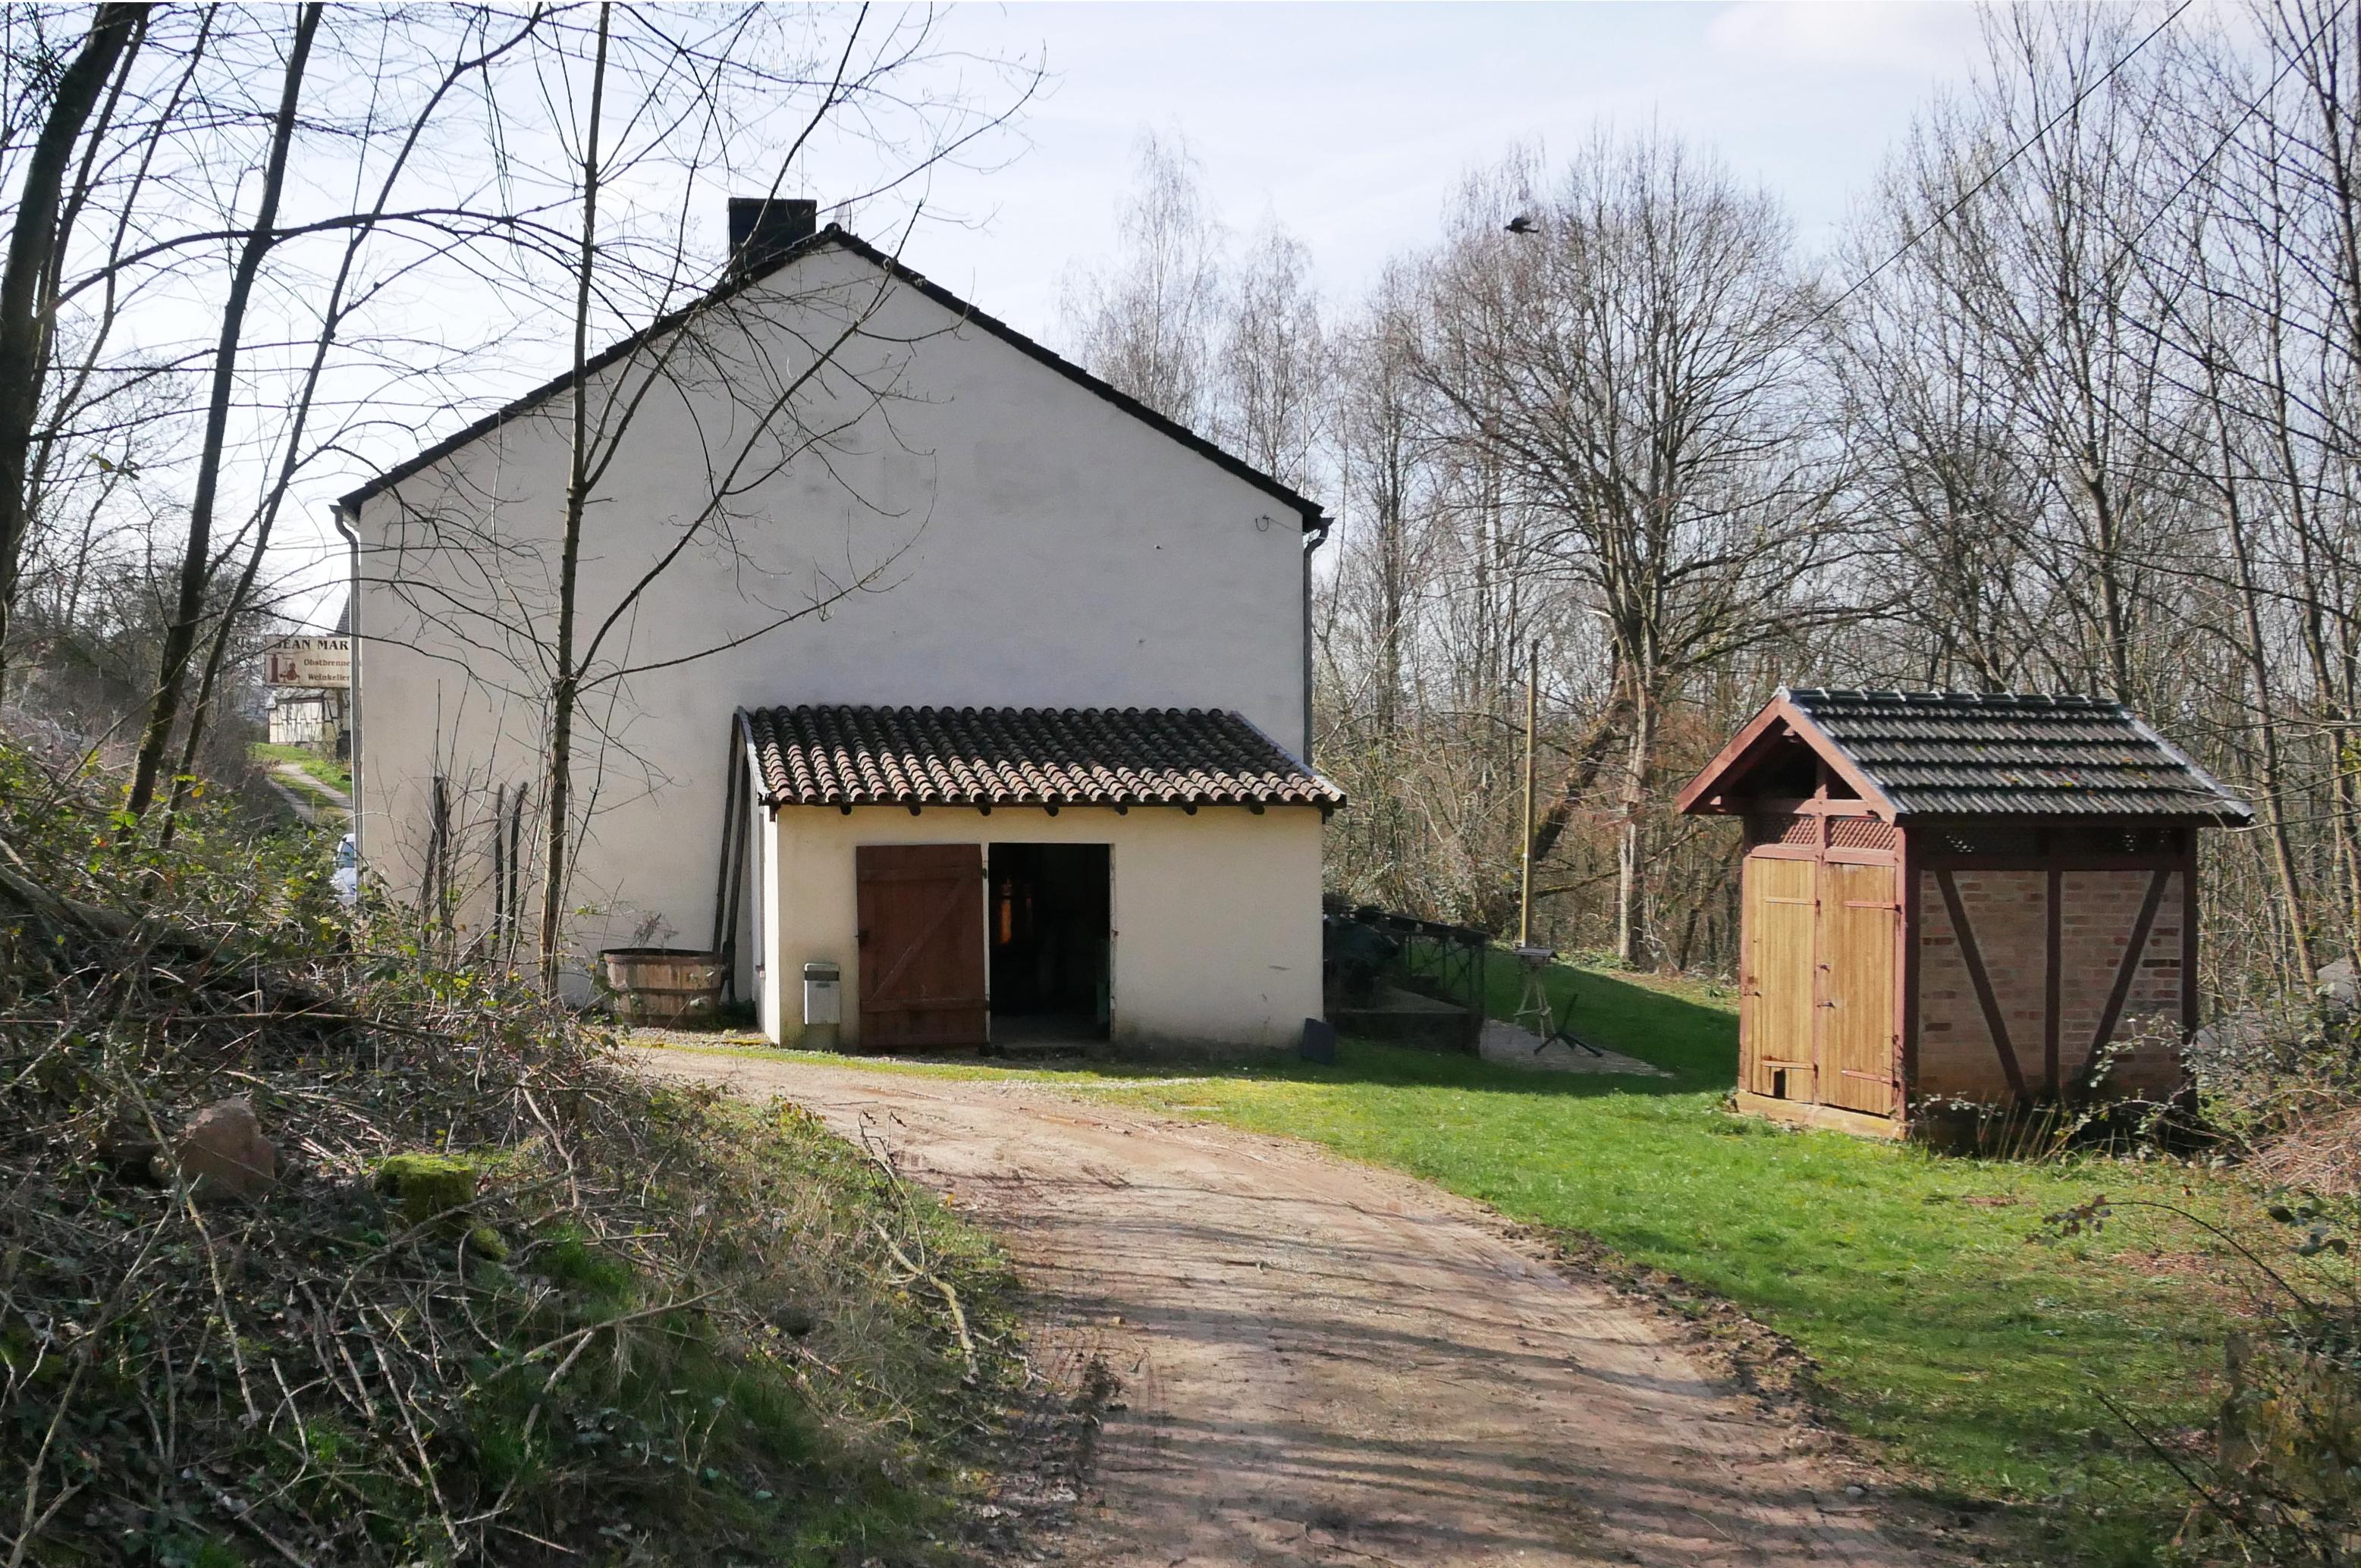 Trierer Einhaus